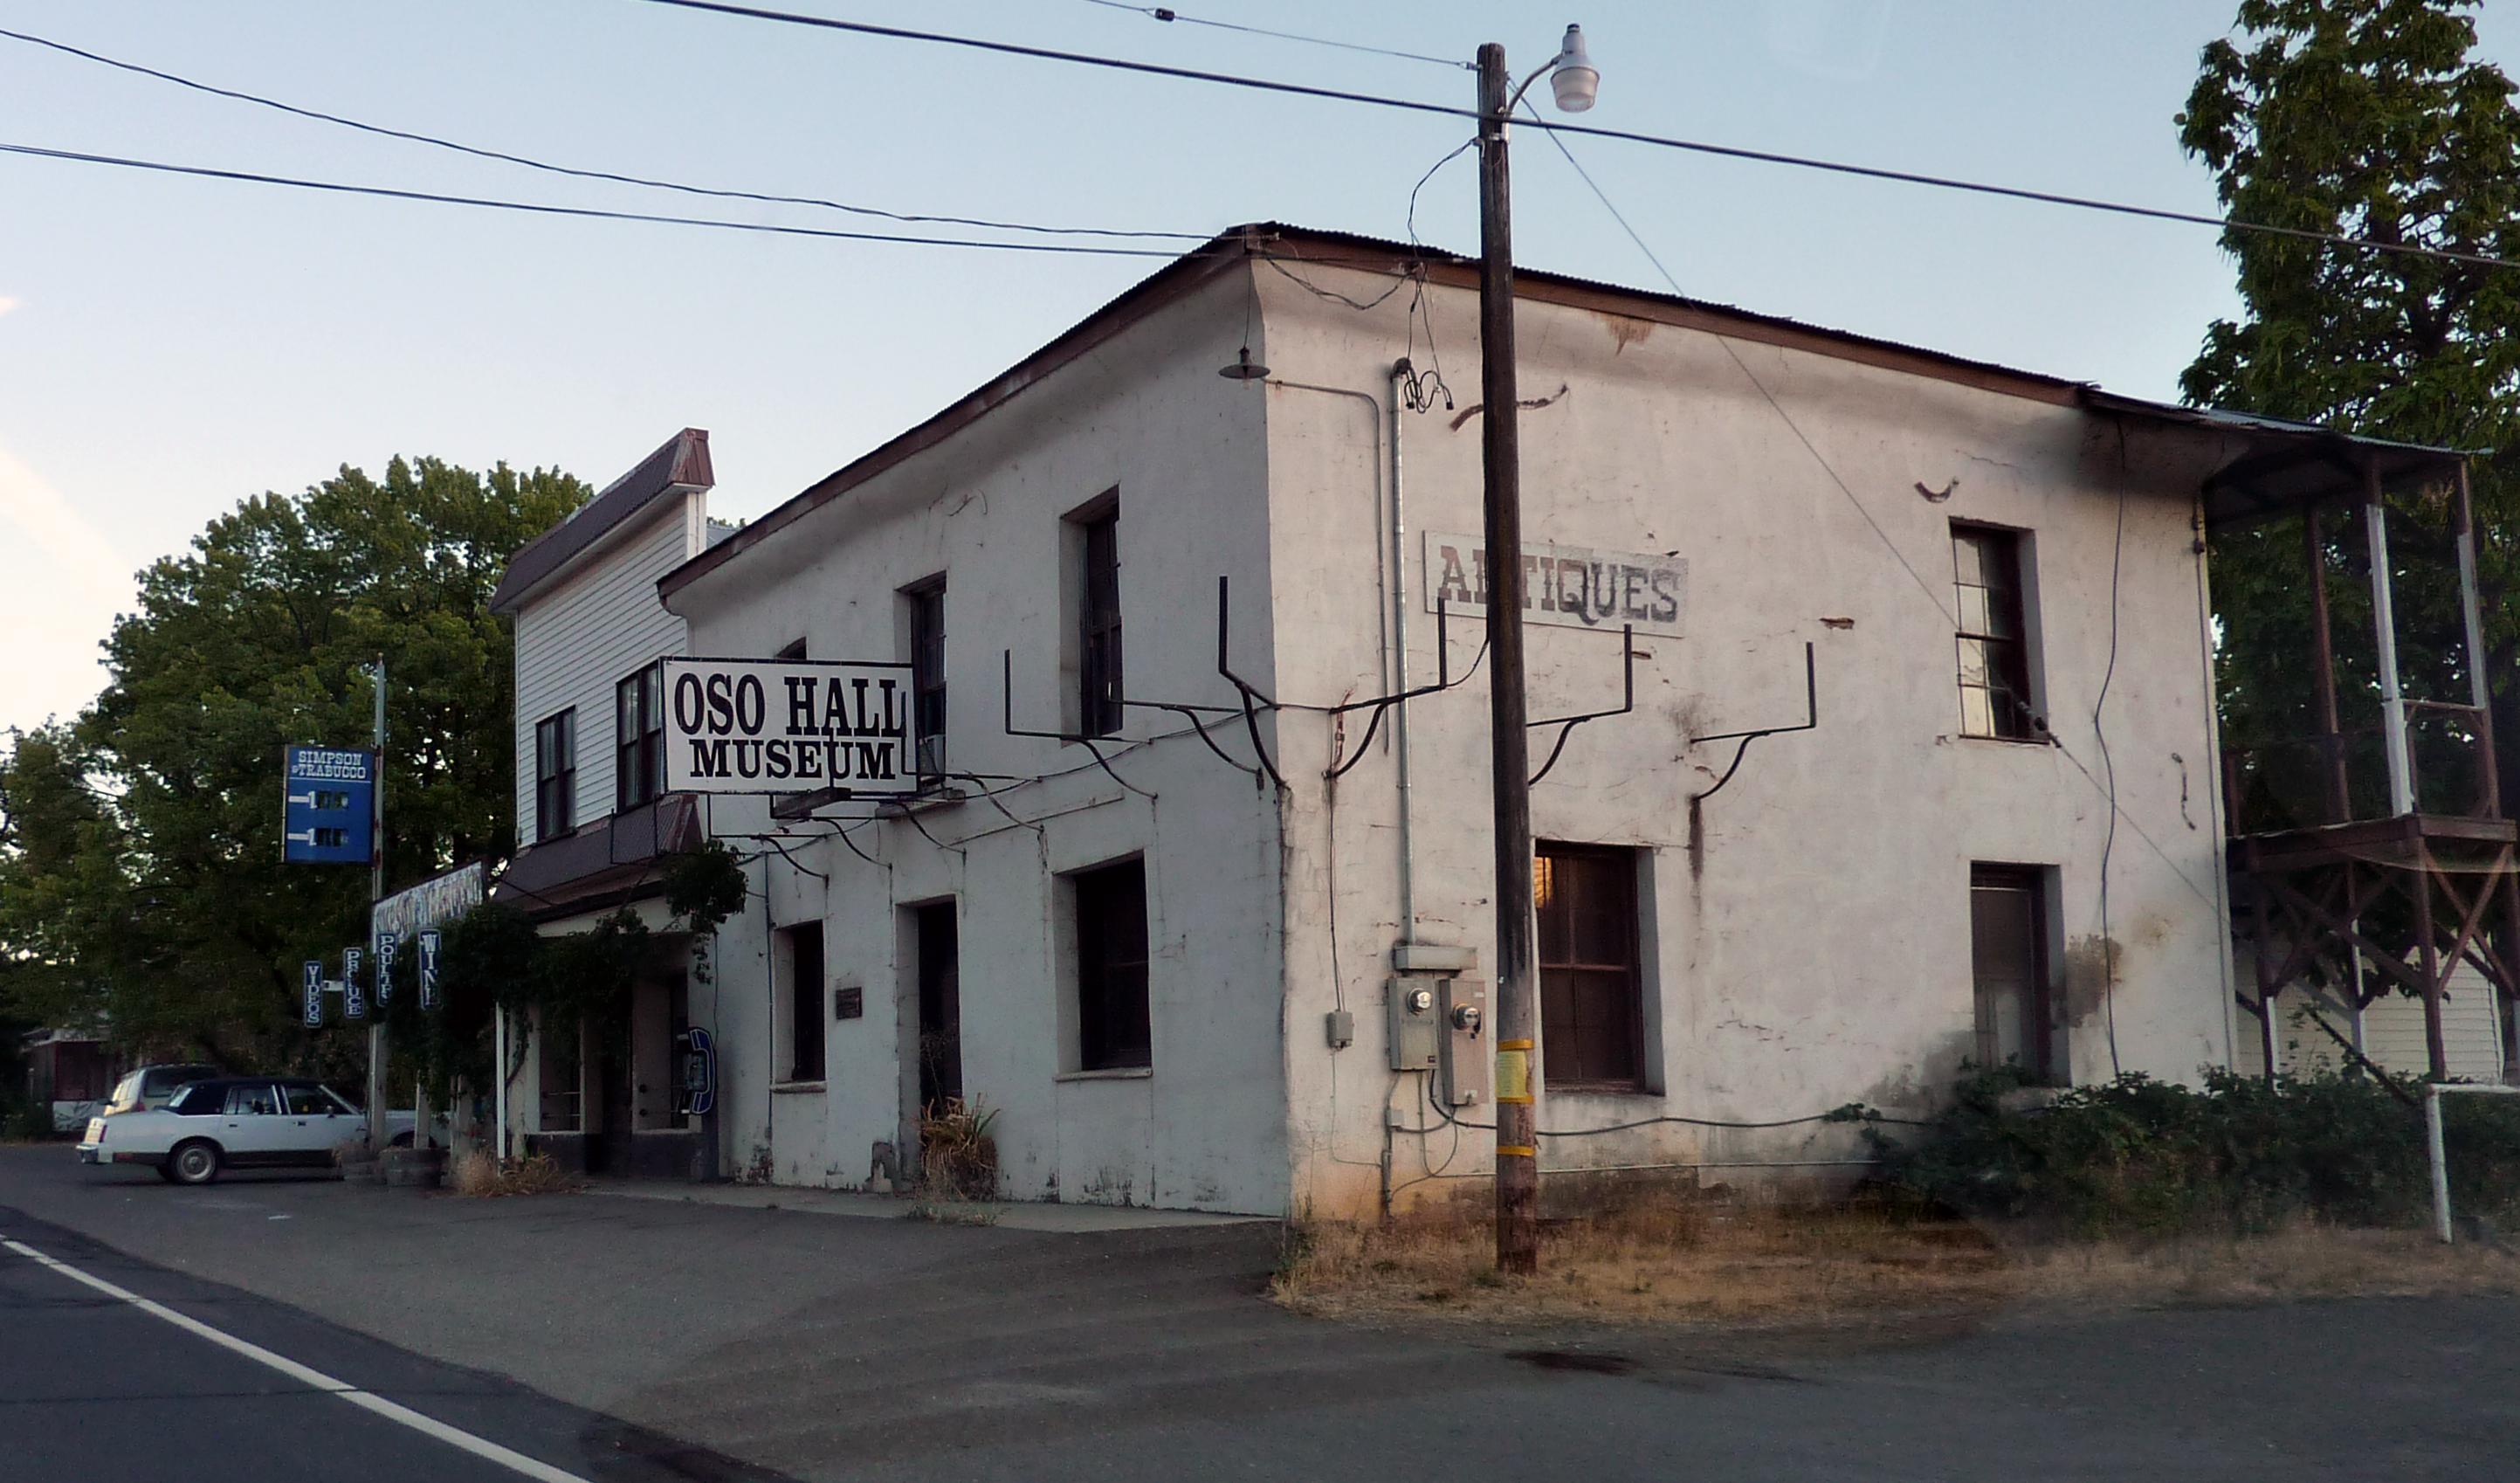 Bear Valley Ca >> Bear Valley Mariposa County California Wikipedia